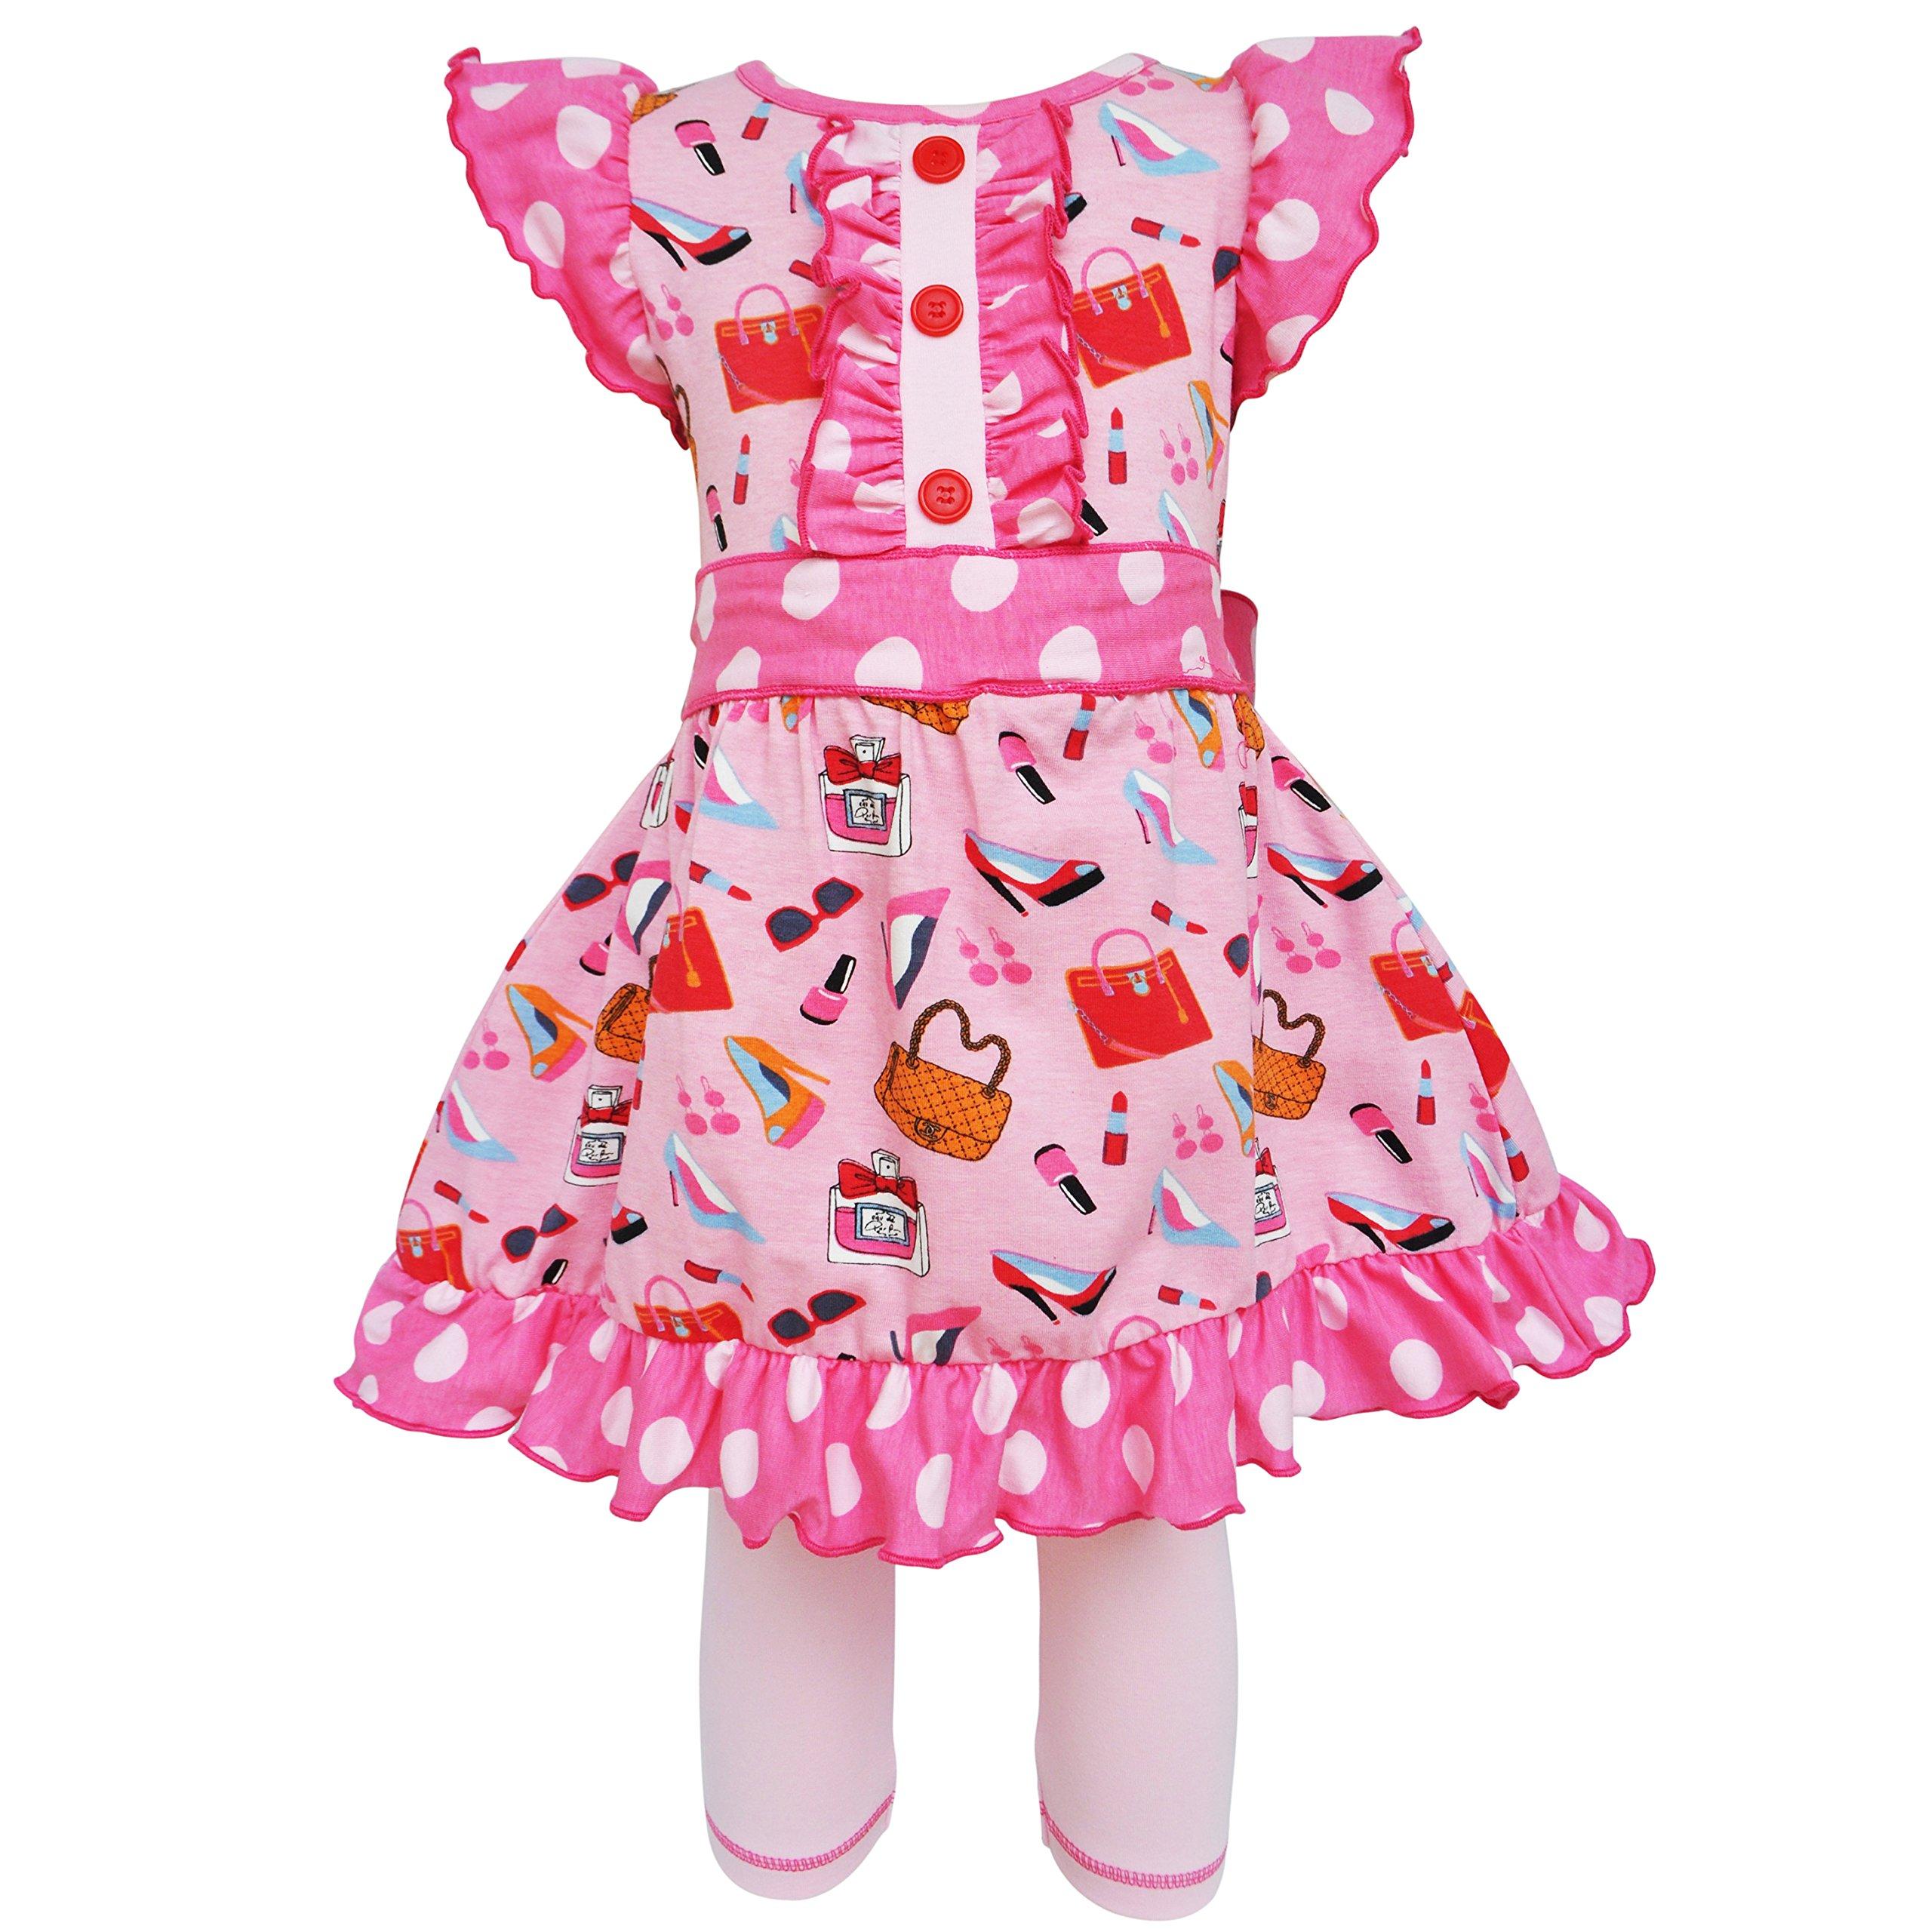 AnnLoren Girls sz 7/8 Cotton Makeup Accessories Dress & Legging Outfit